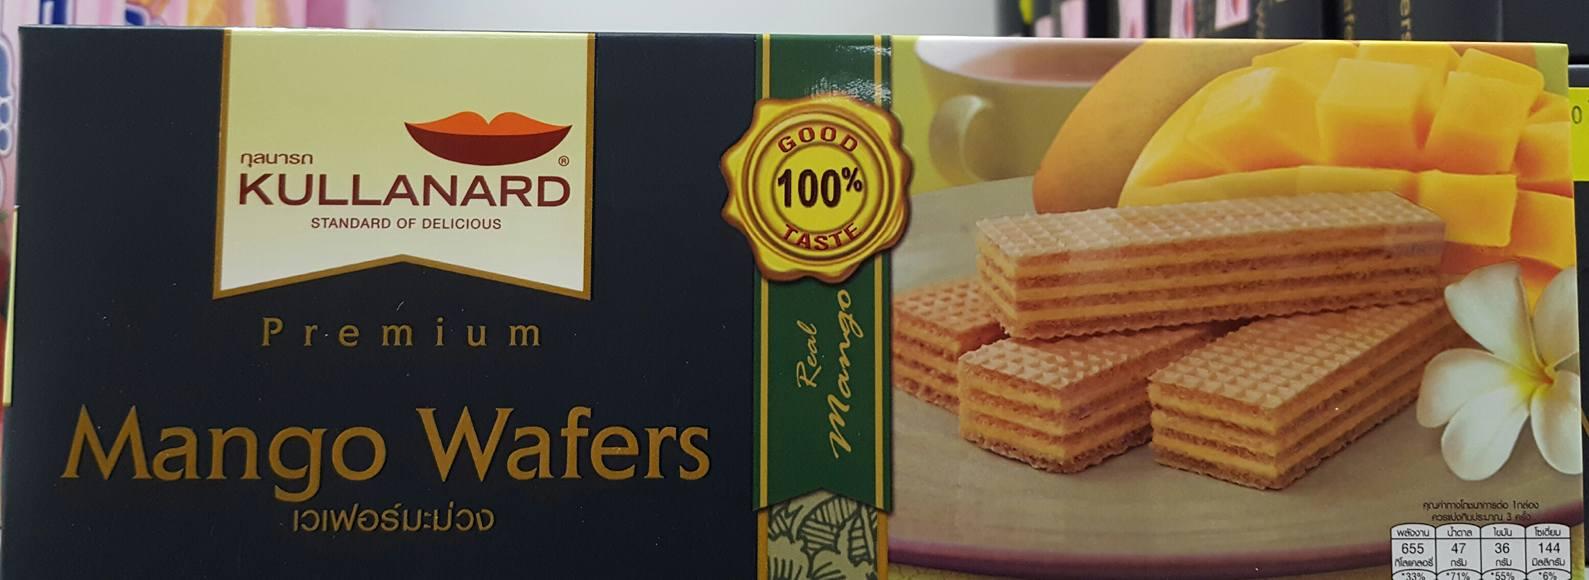 バンコクでおすすめの人気のお土産30選!コスメから雑貨、バラマキ用のお菓子まで厳選アイテムで喜ばれること間違いなし!